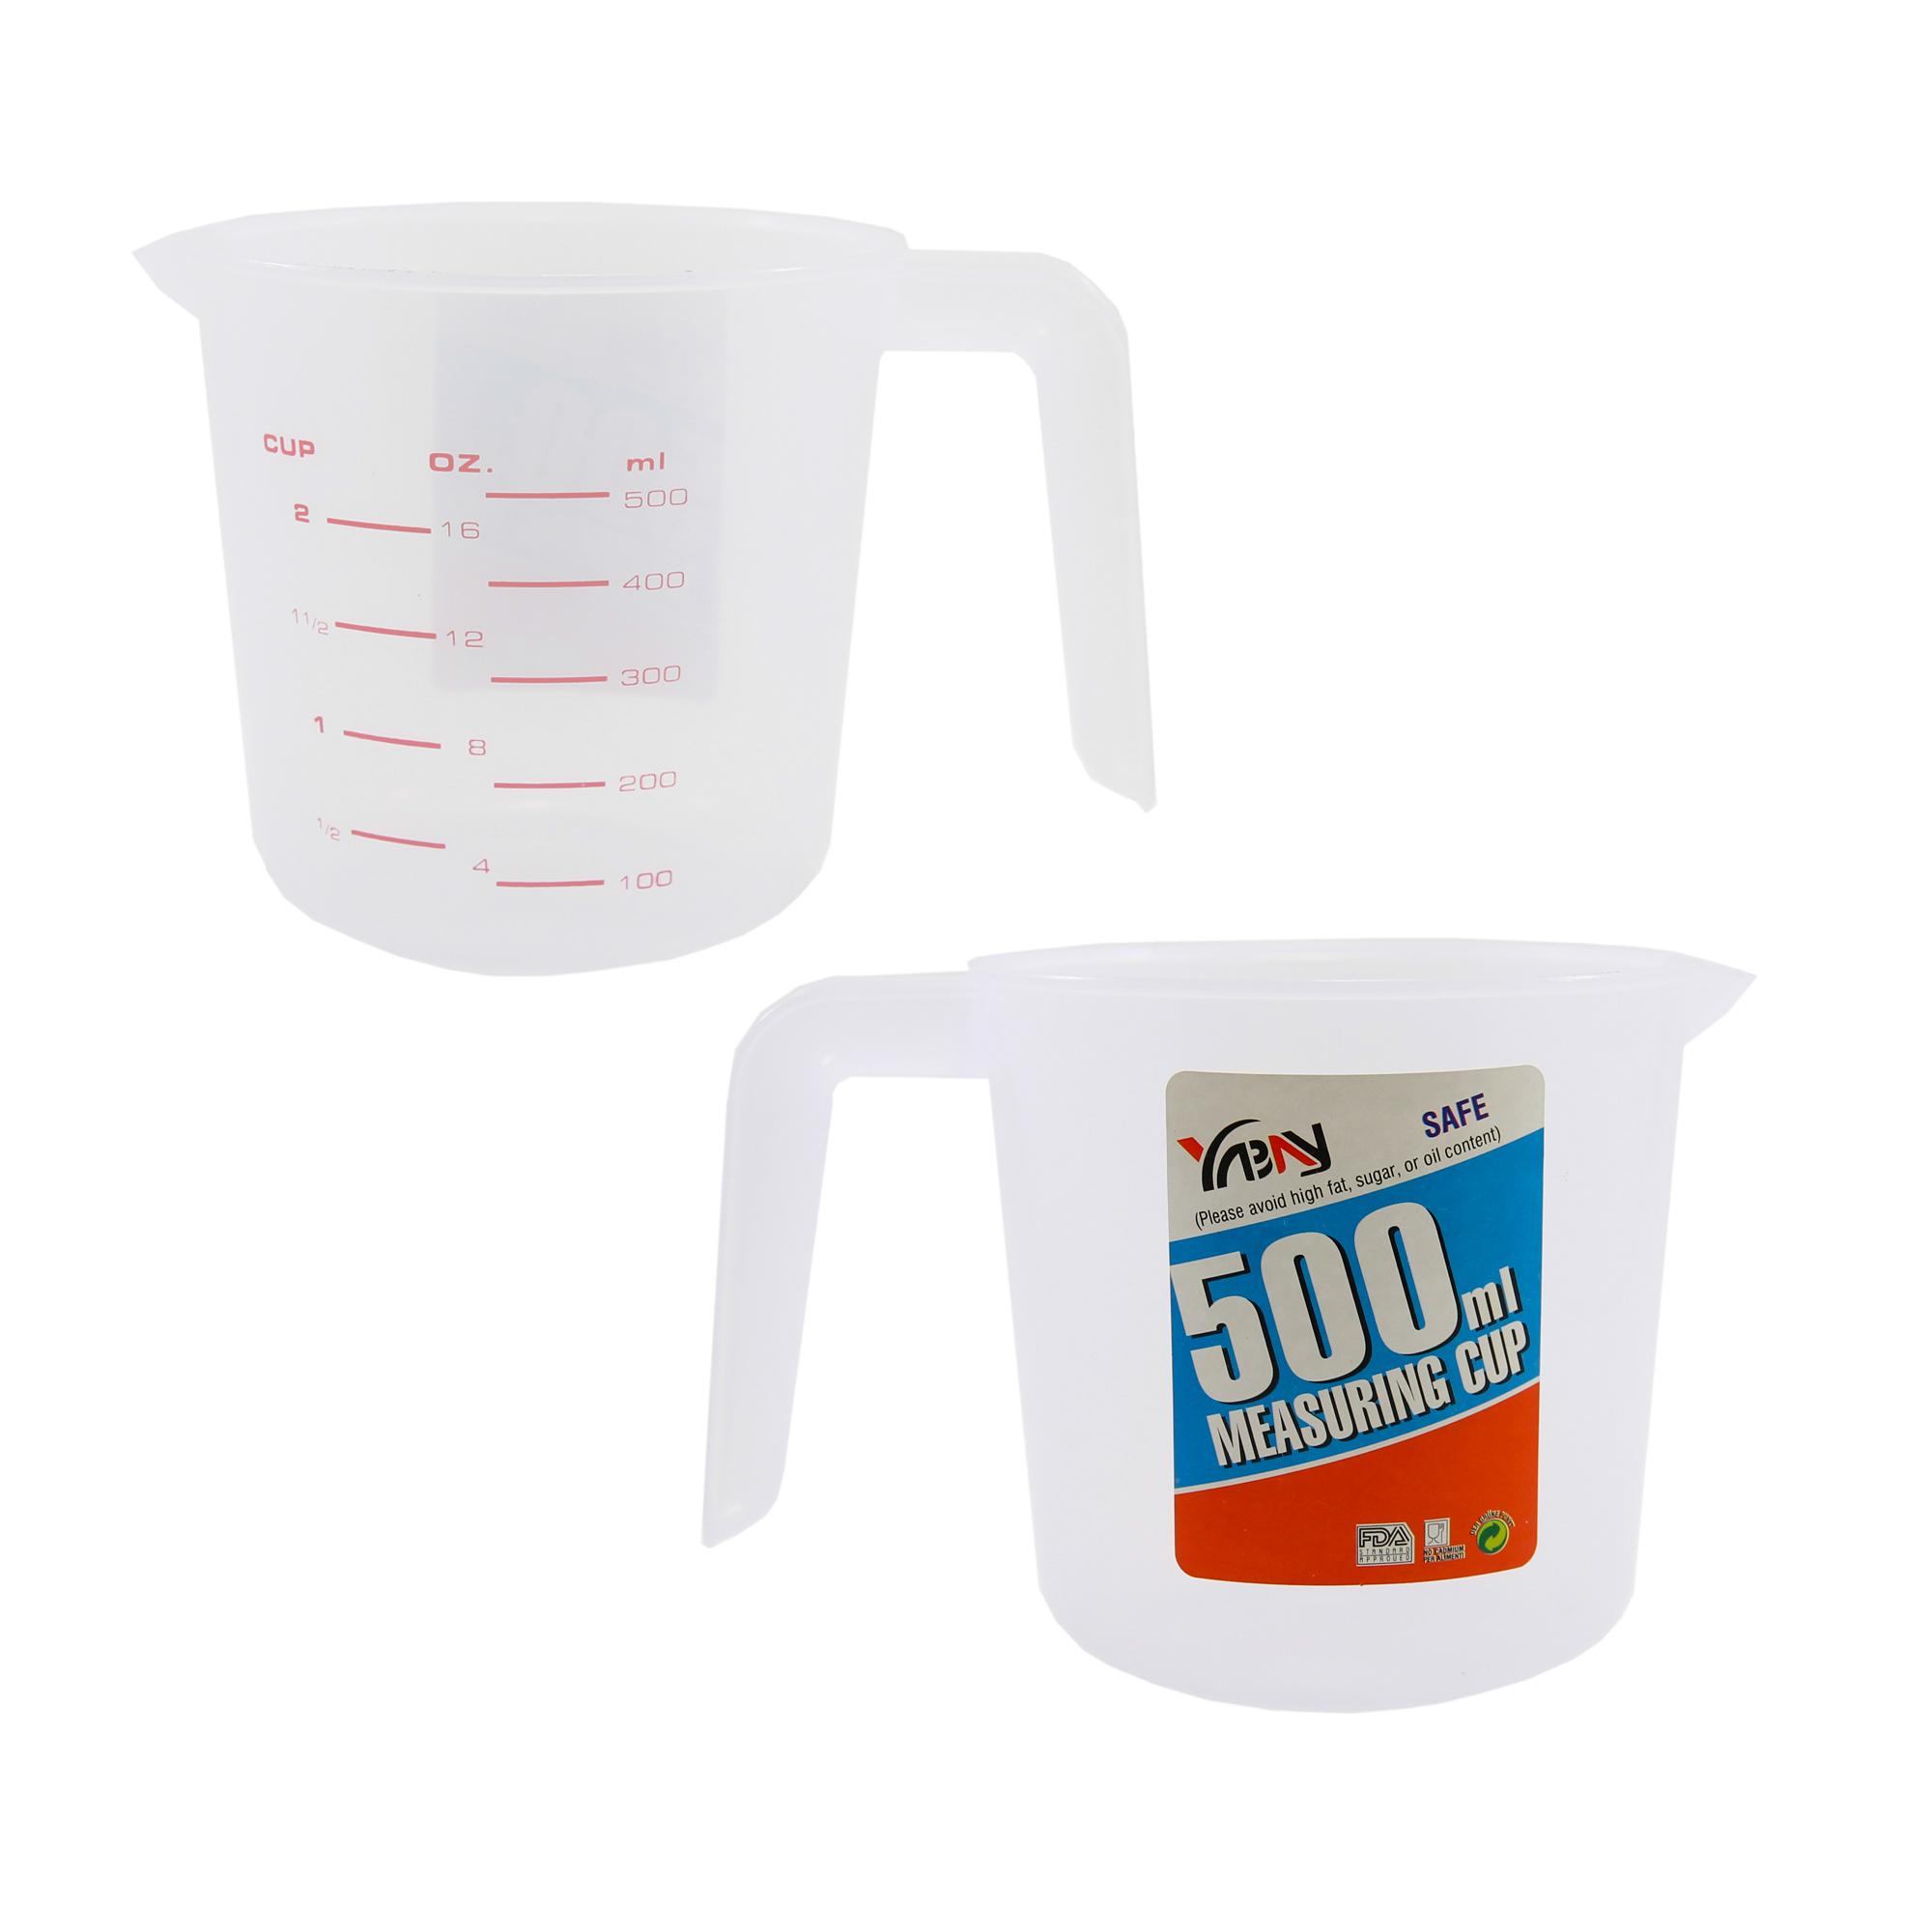 6992 ถ้วยตวง 500 ml cn